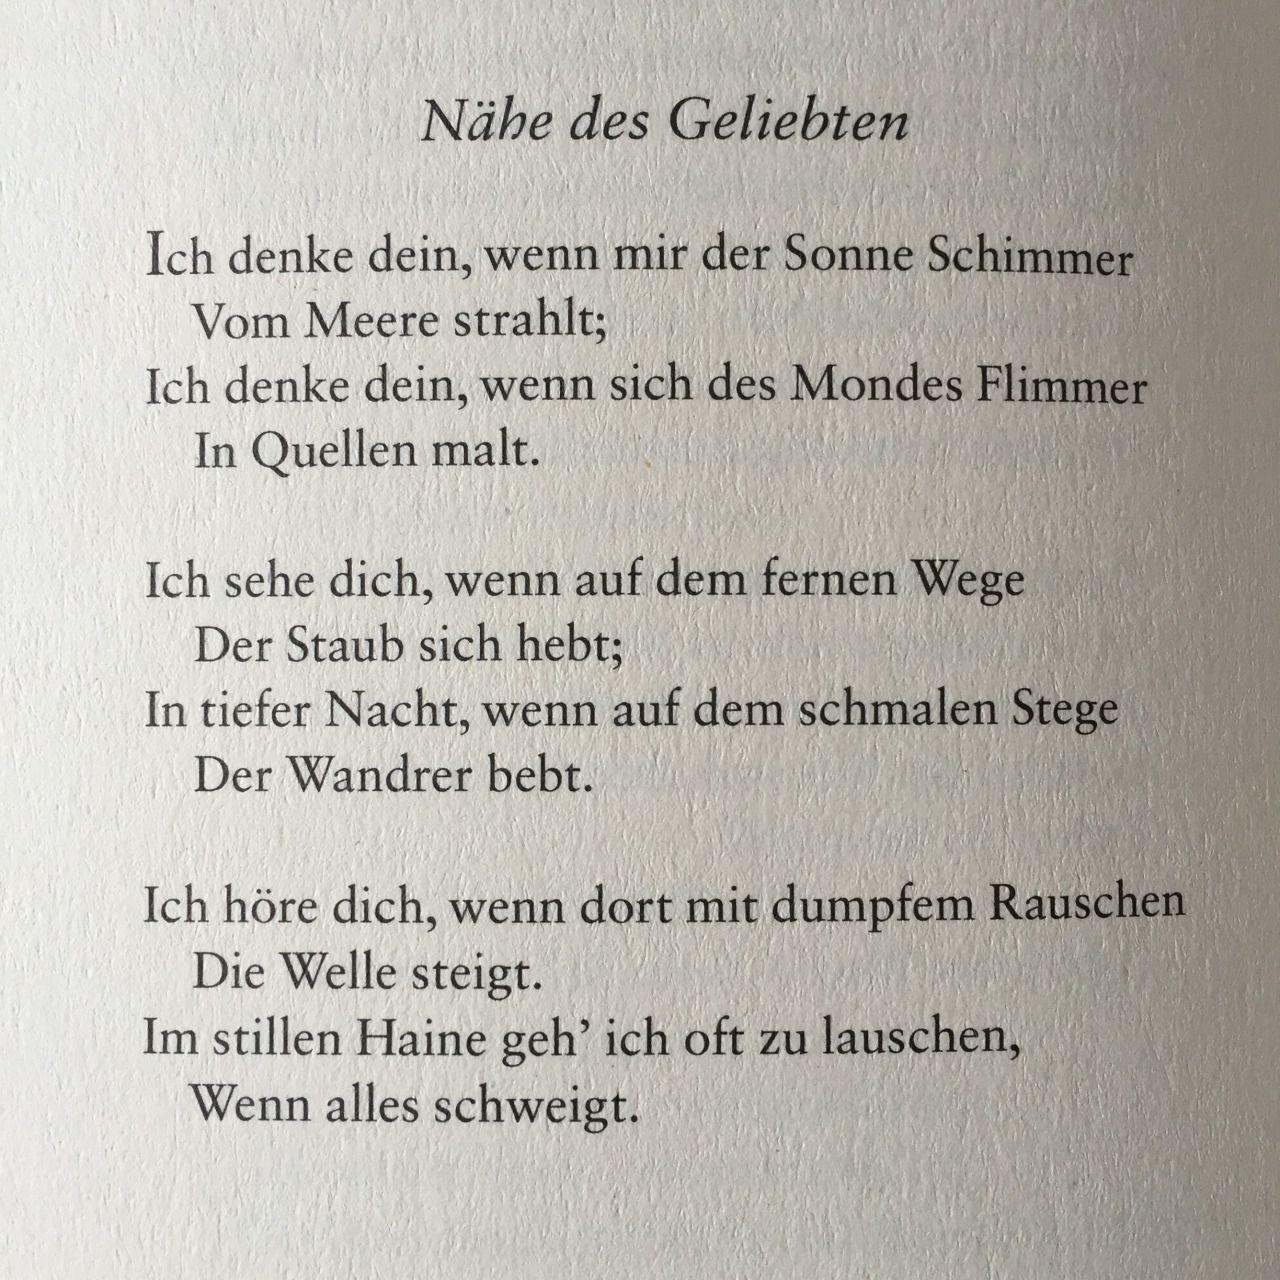 Deutsche Lyrik Von Damals Und Heute Gedichte Liebe